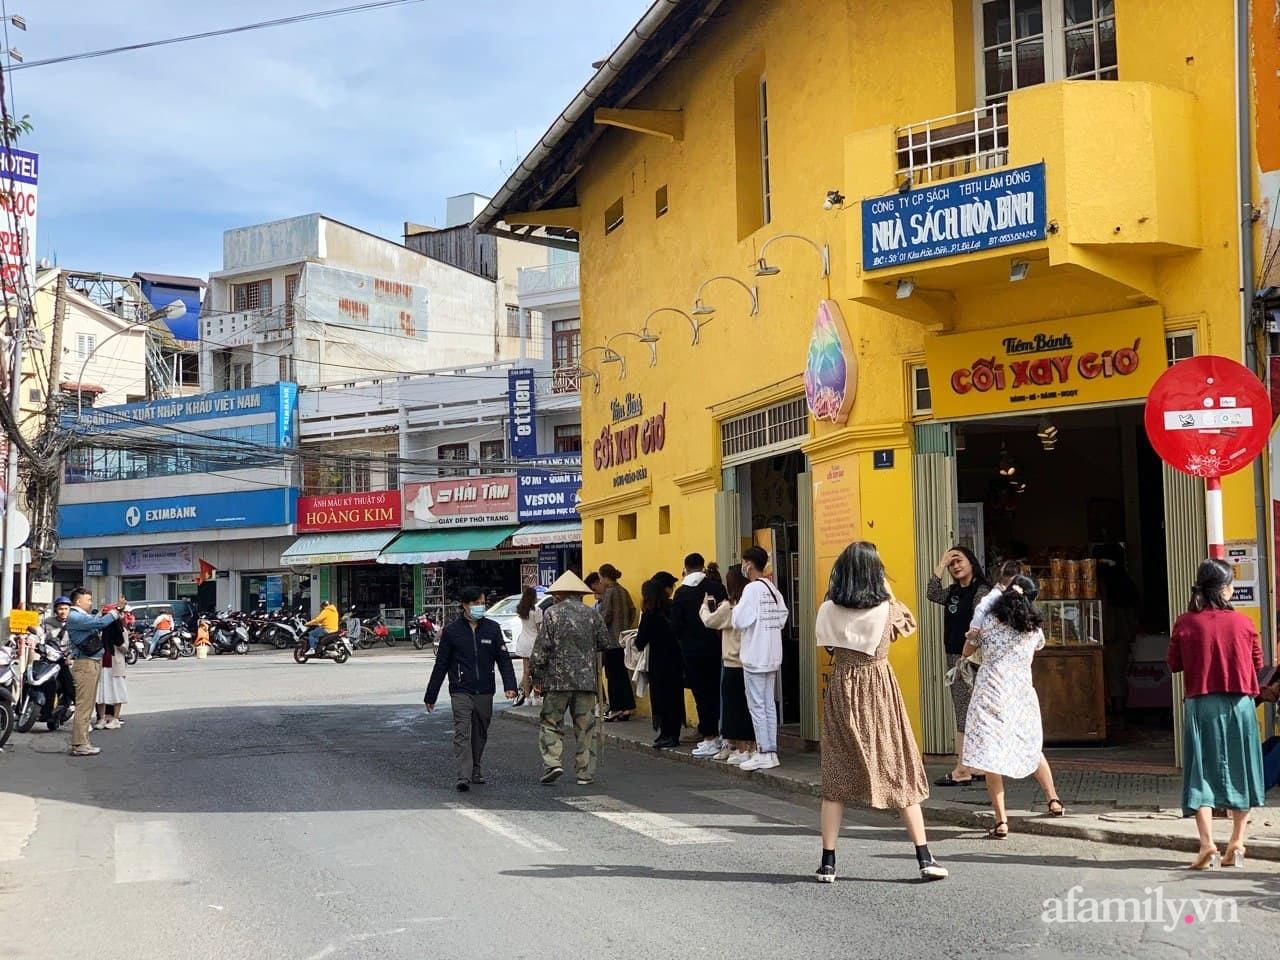 Hay tin bức tường vàng nổi tiếng của tiệm bánh Cối Xay Gió sắp ngừng hoạt động, khách du lịch kéo nhau đến chụp ảnh kỉ niệm đông nghẹt - Ảnh 2.